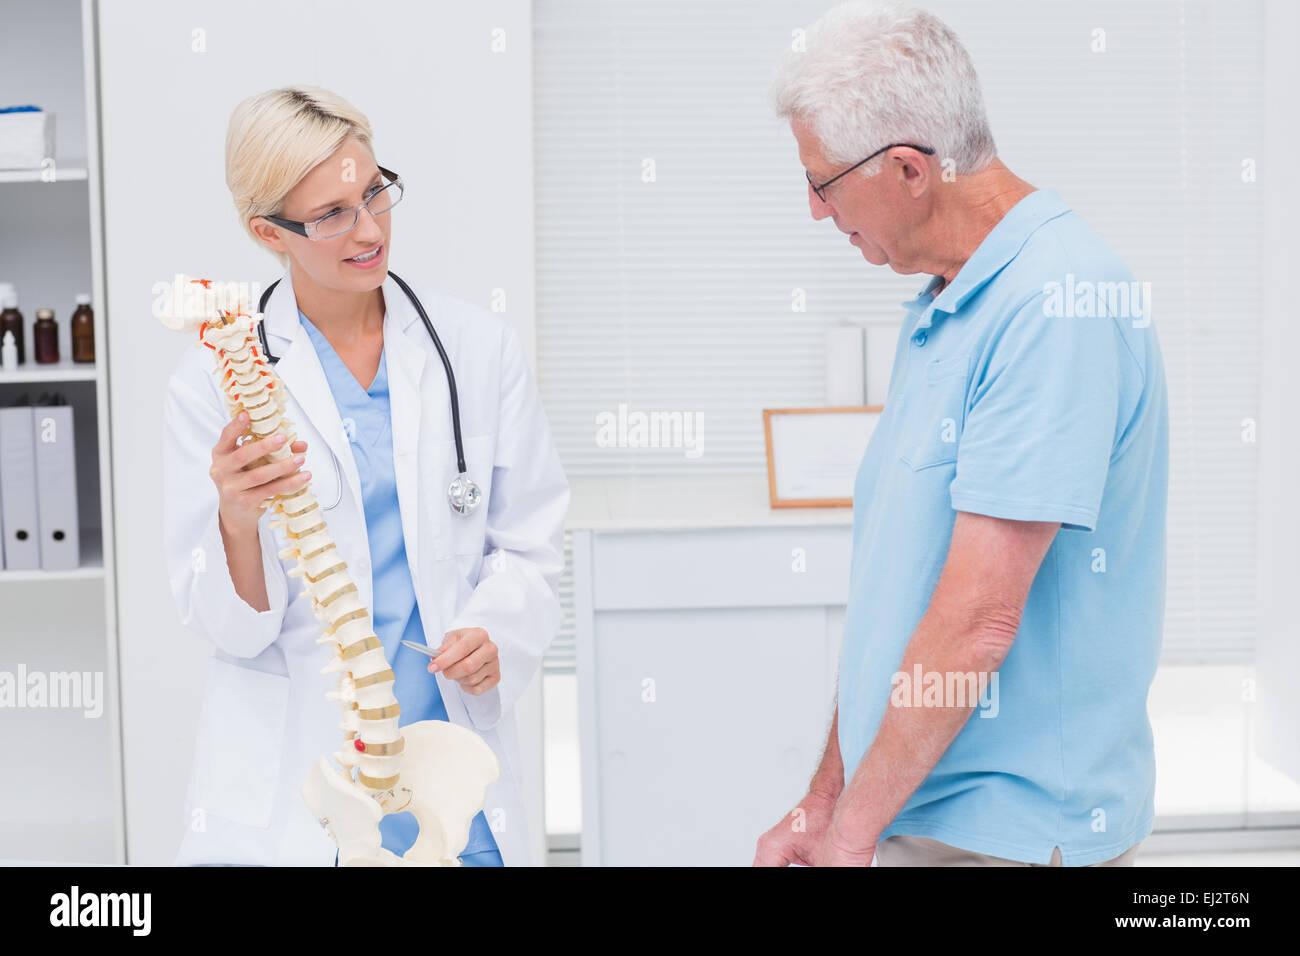 Orthopedic Doctor Explaining Anatomical Spine To Senior Man